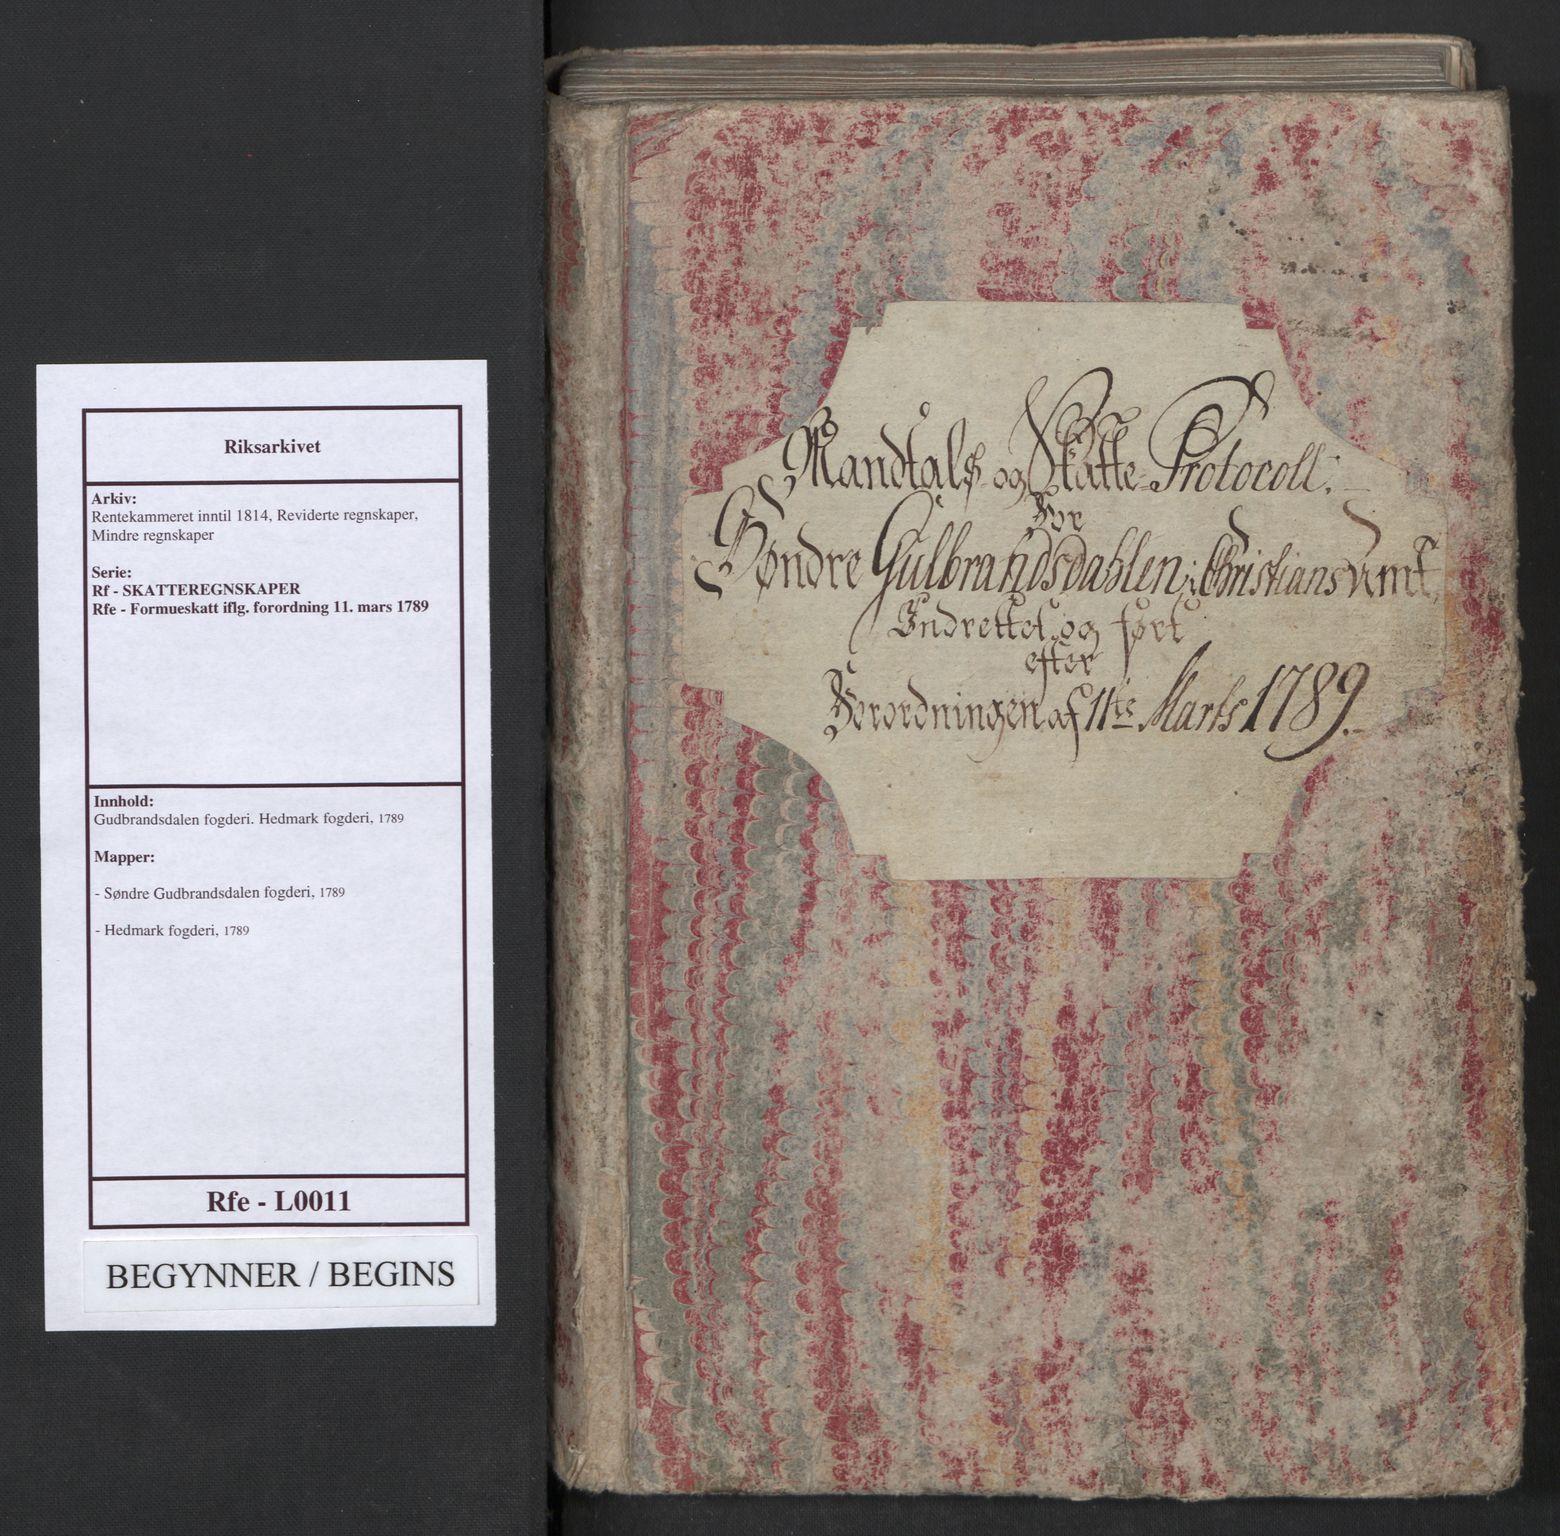 RA, Rentekammeret inntil 1814, Reviderte regnskaper, Mindre regnskaper, Rf/Rfe/L0011: Gudbrandsdalen fogderi. Hedmark fogderi, 1789, s. 1